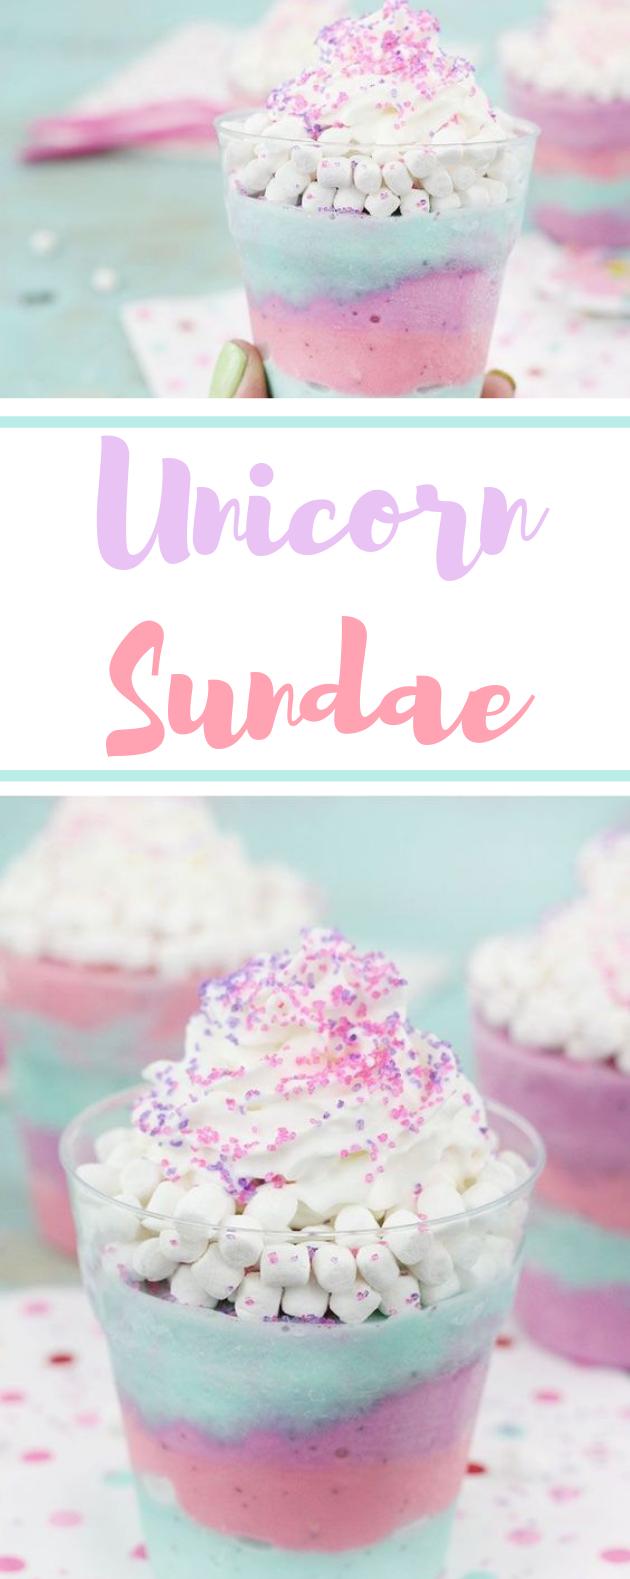 Unicorn Sundaes #icecream #desserts